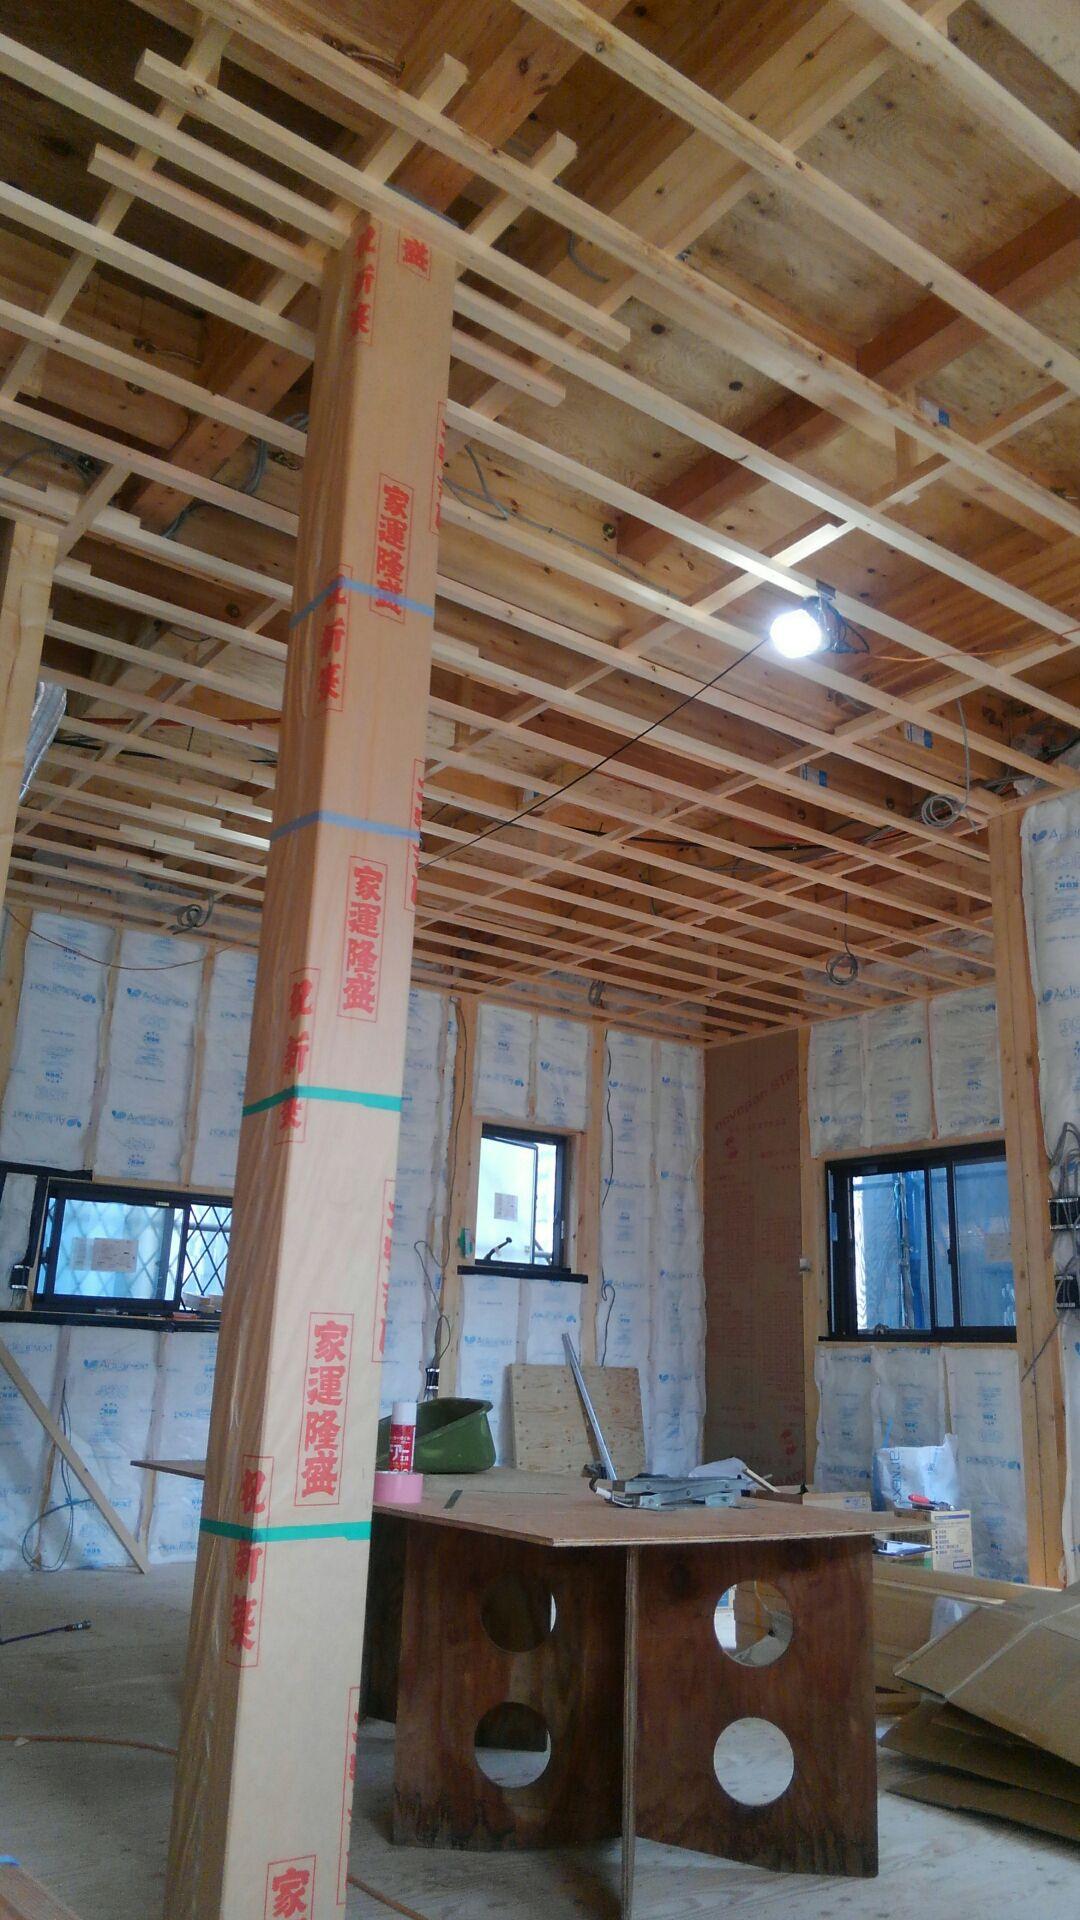 1階のリビング天井完成です。杉無垢アカタ。キレイなしあがりです。